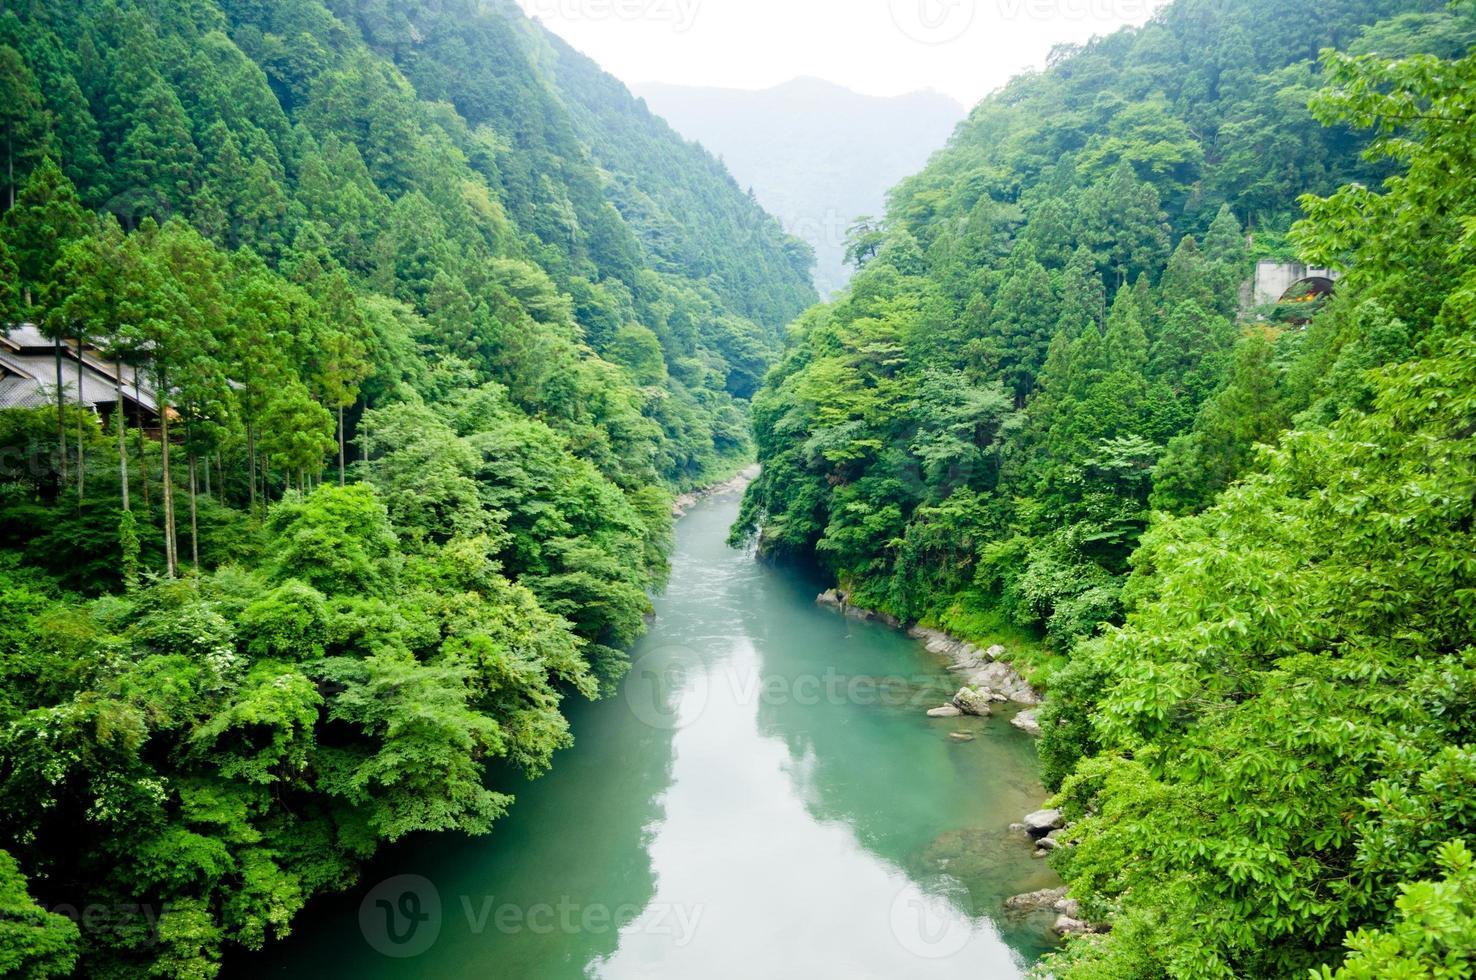 vallée de la rivière photo